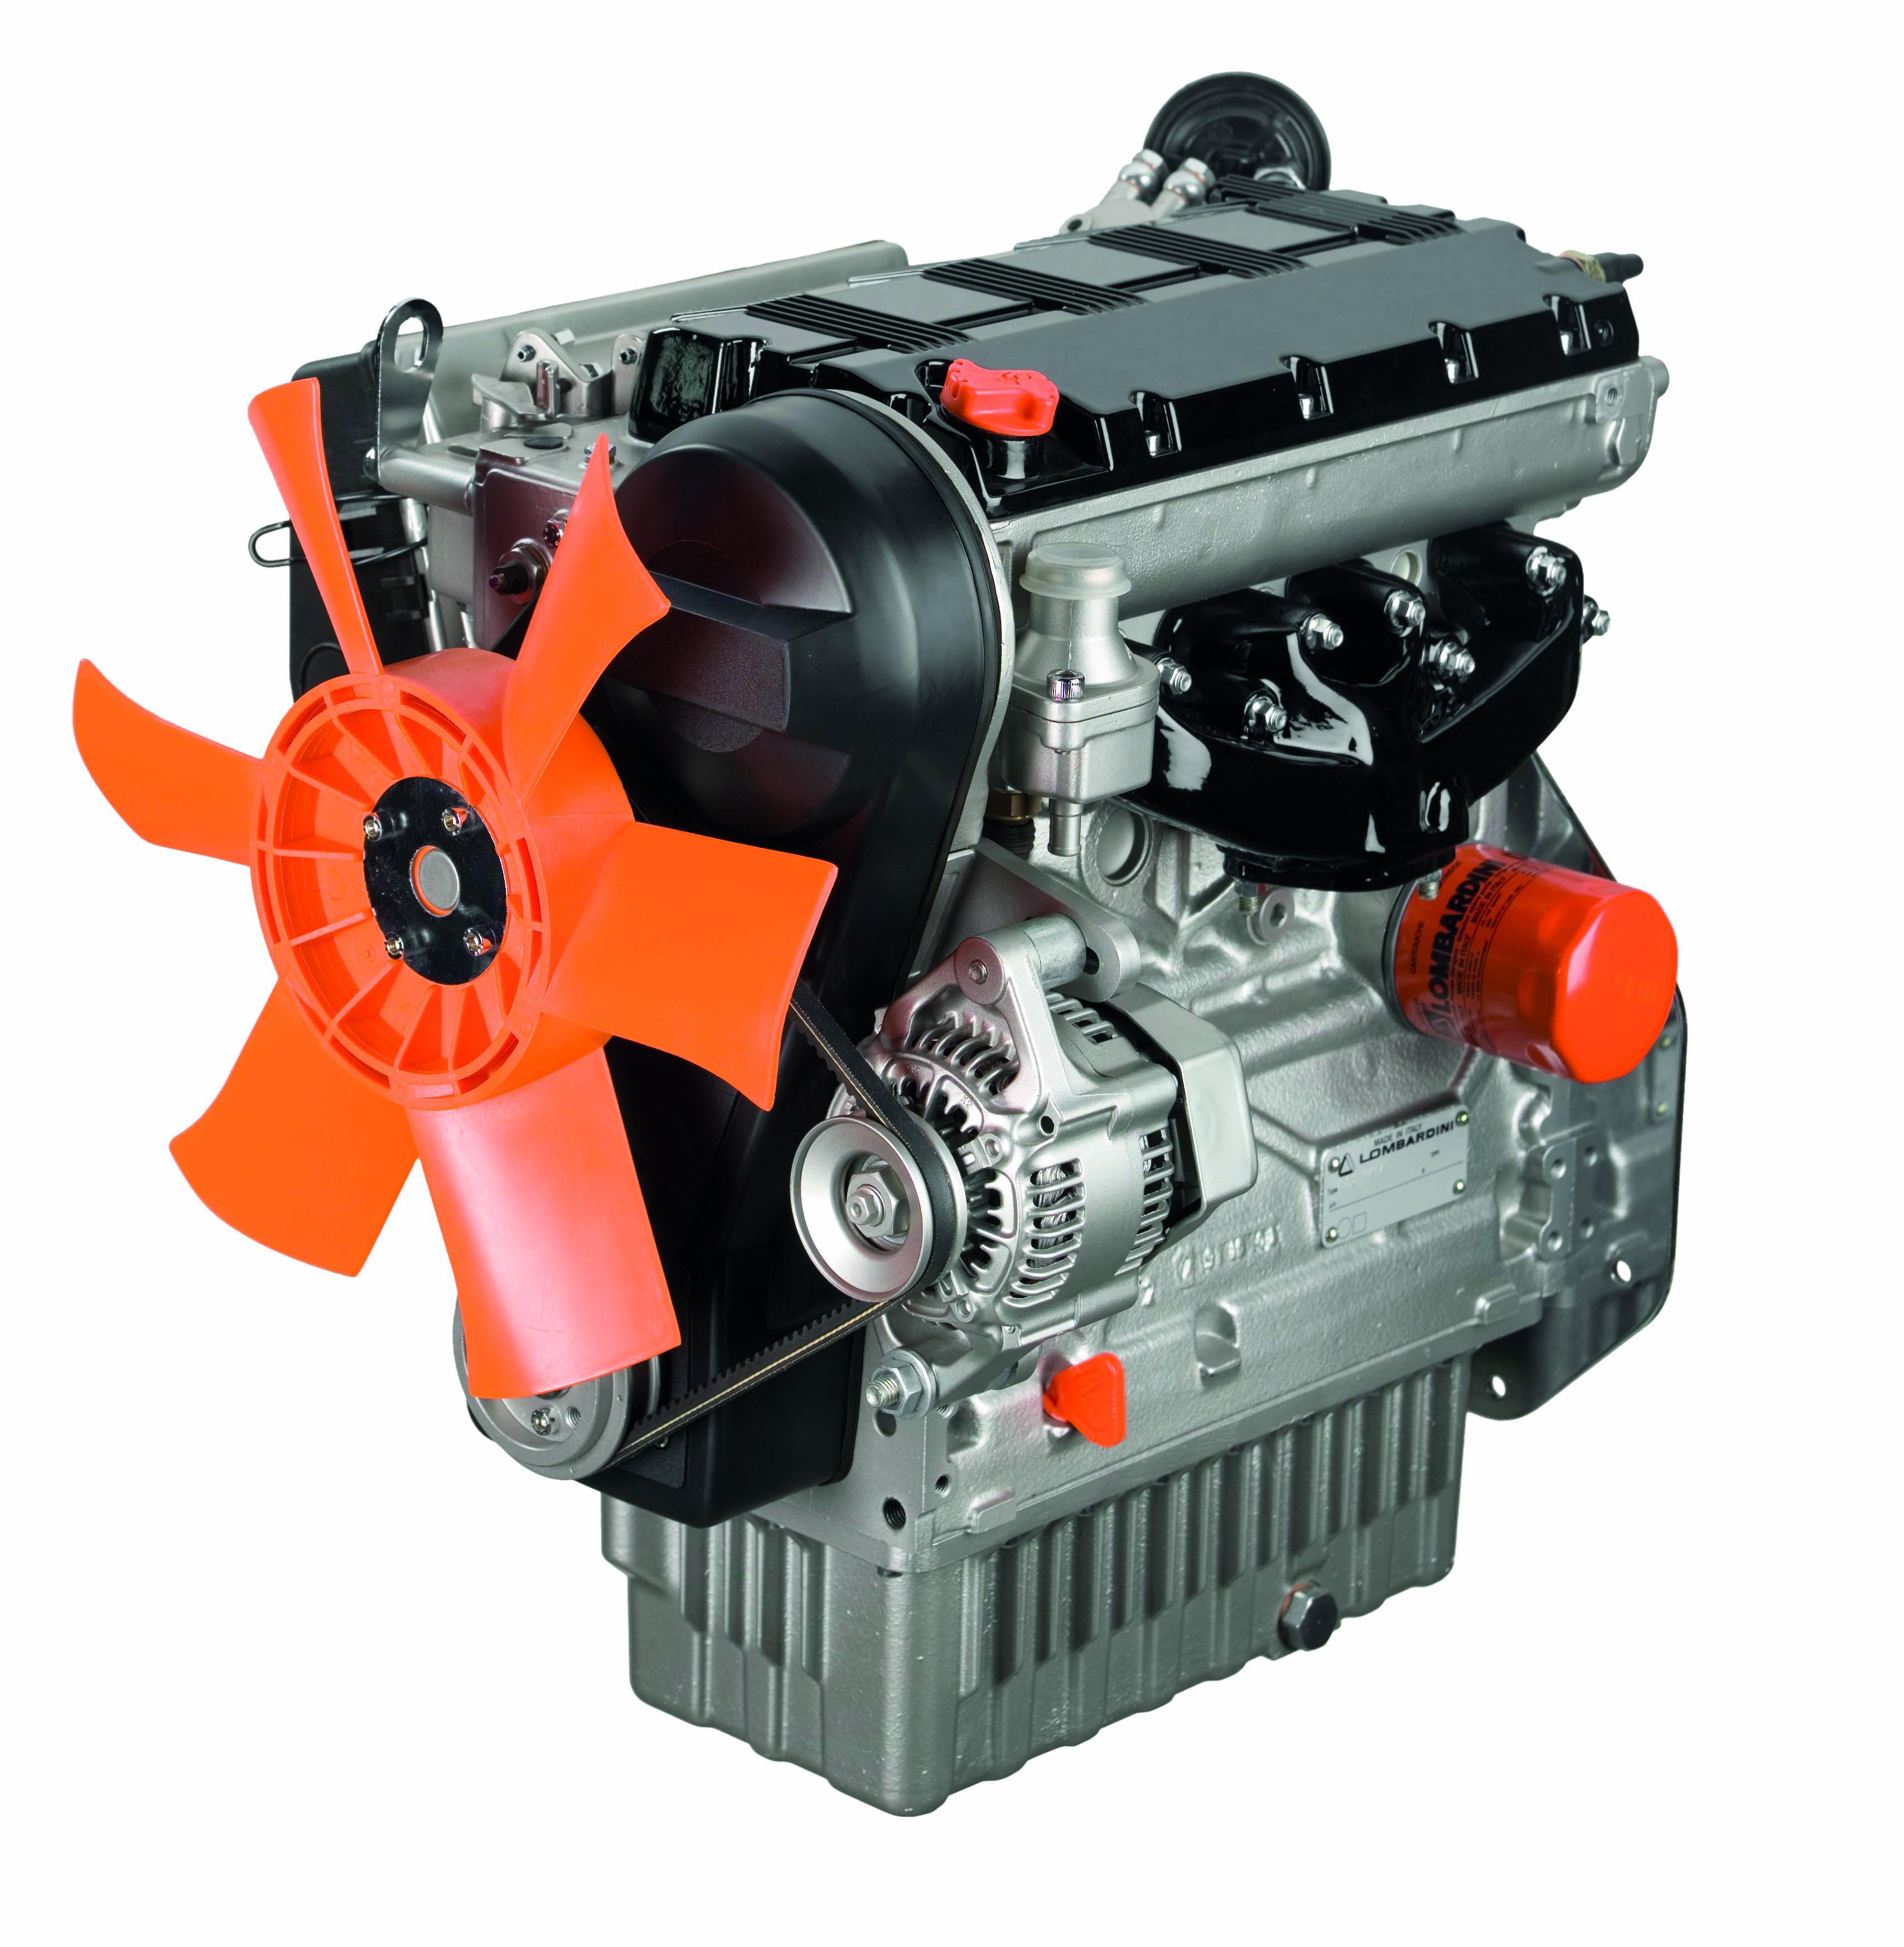 Moteurs Diesel refroidis par eau 8.6-26.0 kW